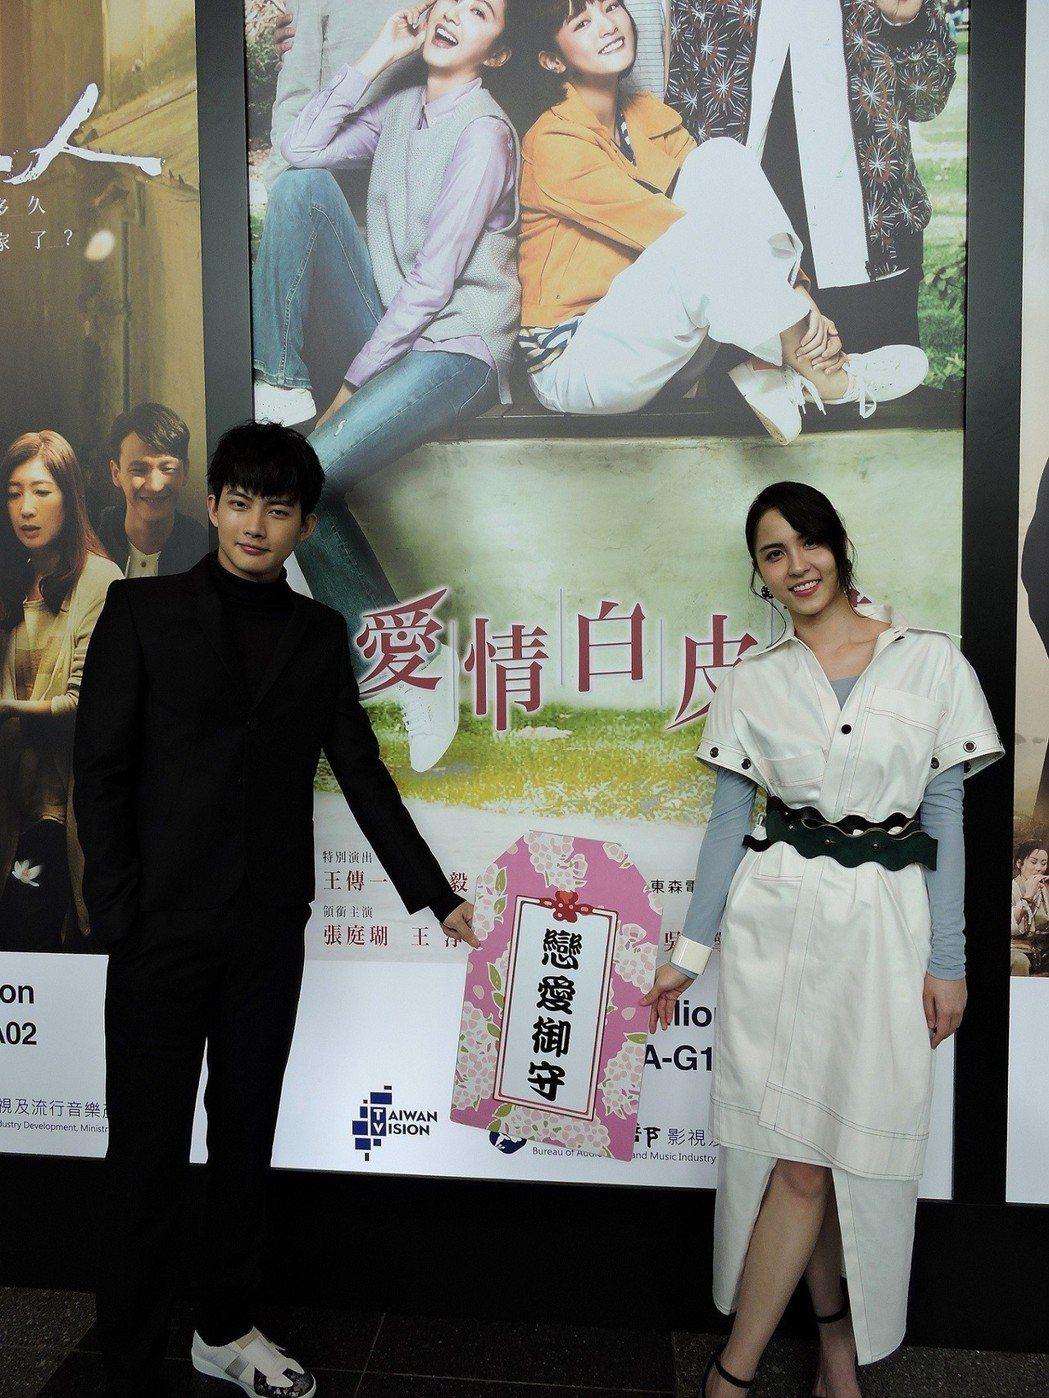 張庭瑚(左)、魏蔓出席香港影視節宣傳新戲「愛情白皮書」。圖/東森提供